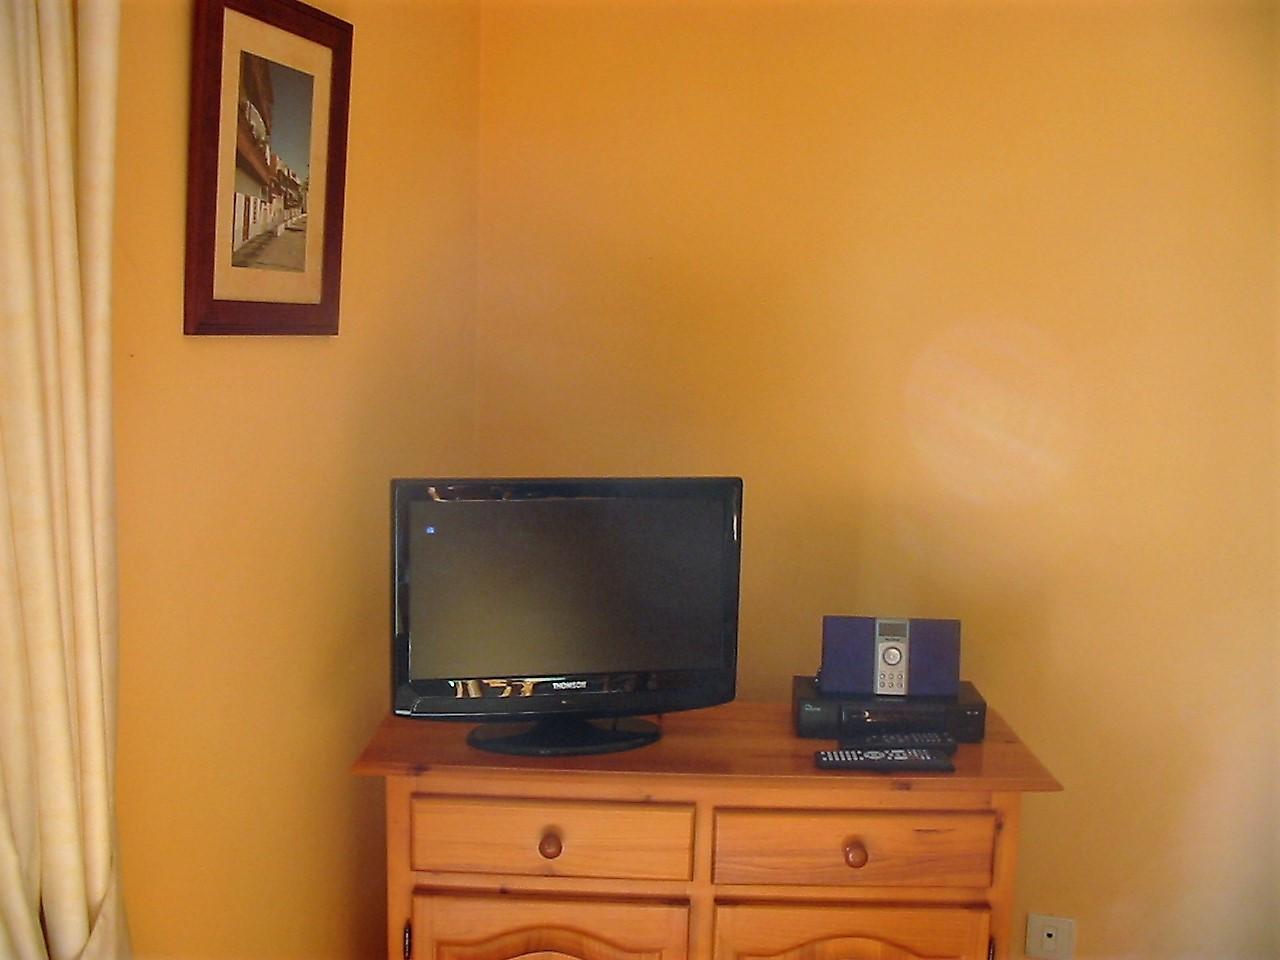 Ferienwohnung Penthouse / Apt. in der besten Gegend von Costa Calma, mit Blick auf eine große Terrasse a (487472), Costa Calma, Fuerteventura, Kanarische Inseln, Spanien, Bild 9